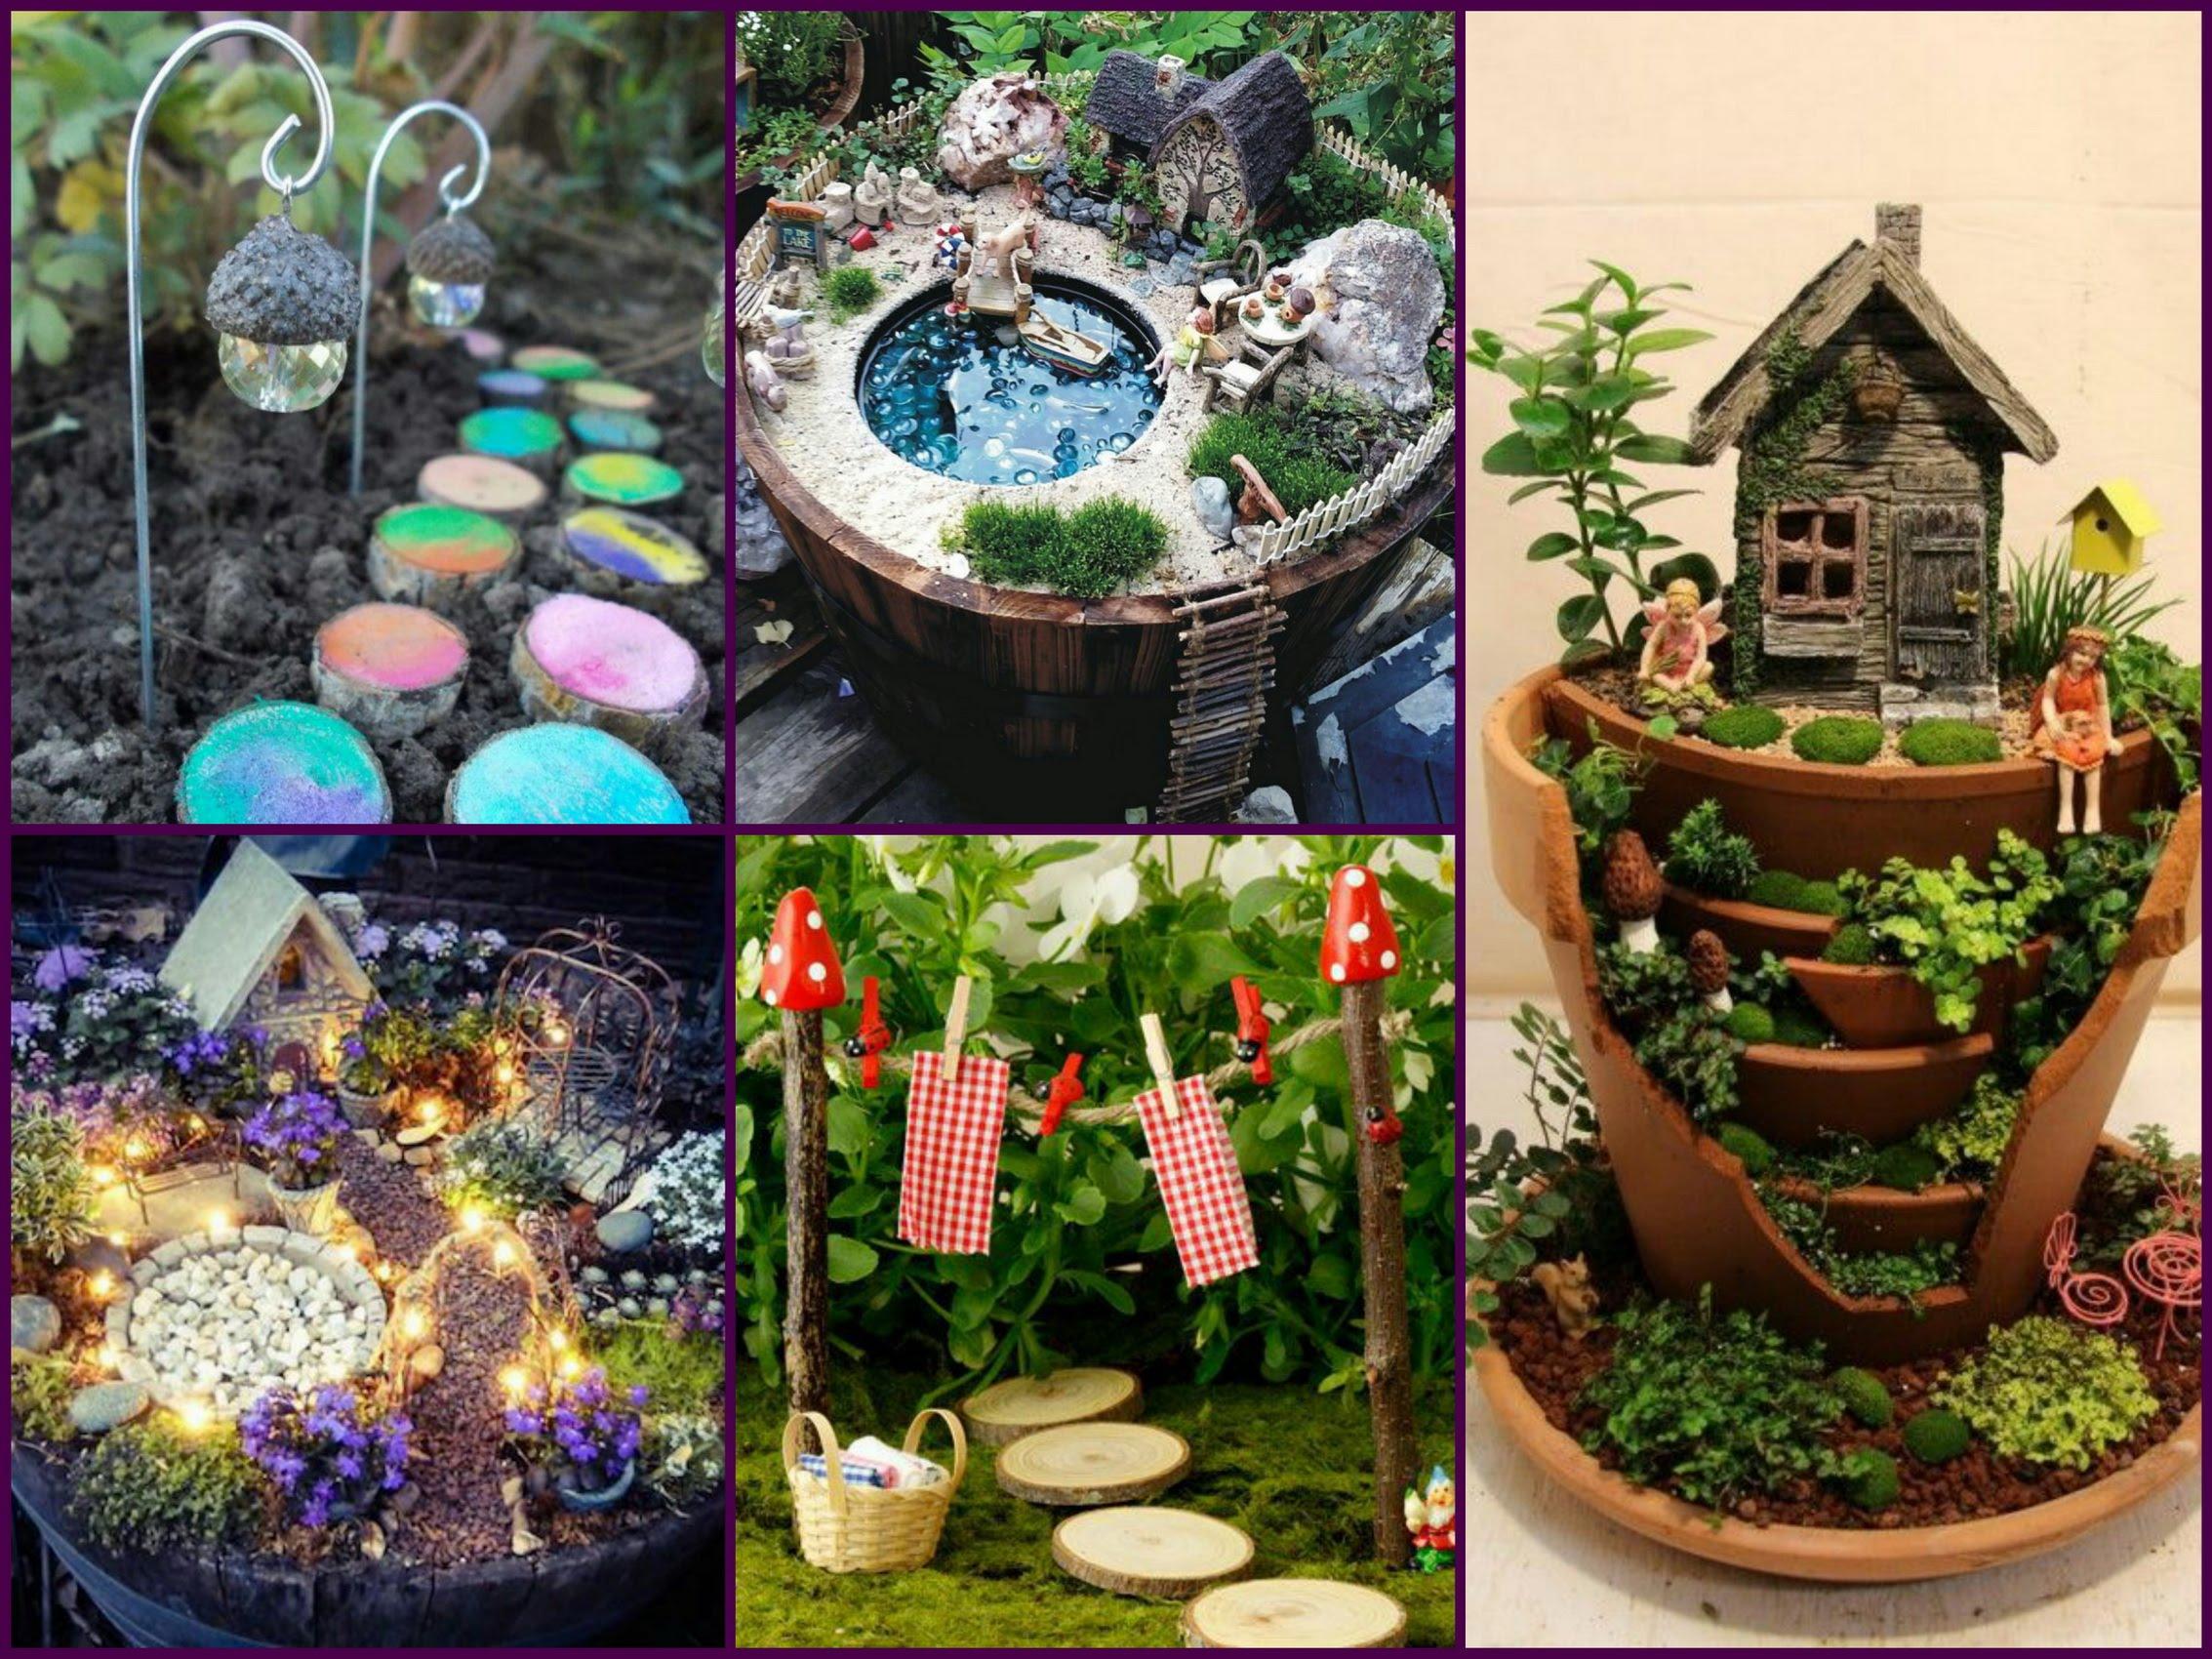 Un giardino fiorito tutto l 39 anno for Giardini fioriti tutto l anno